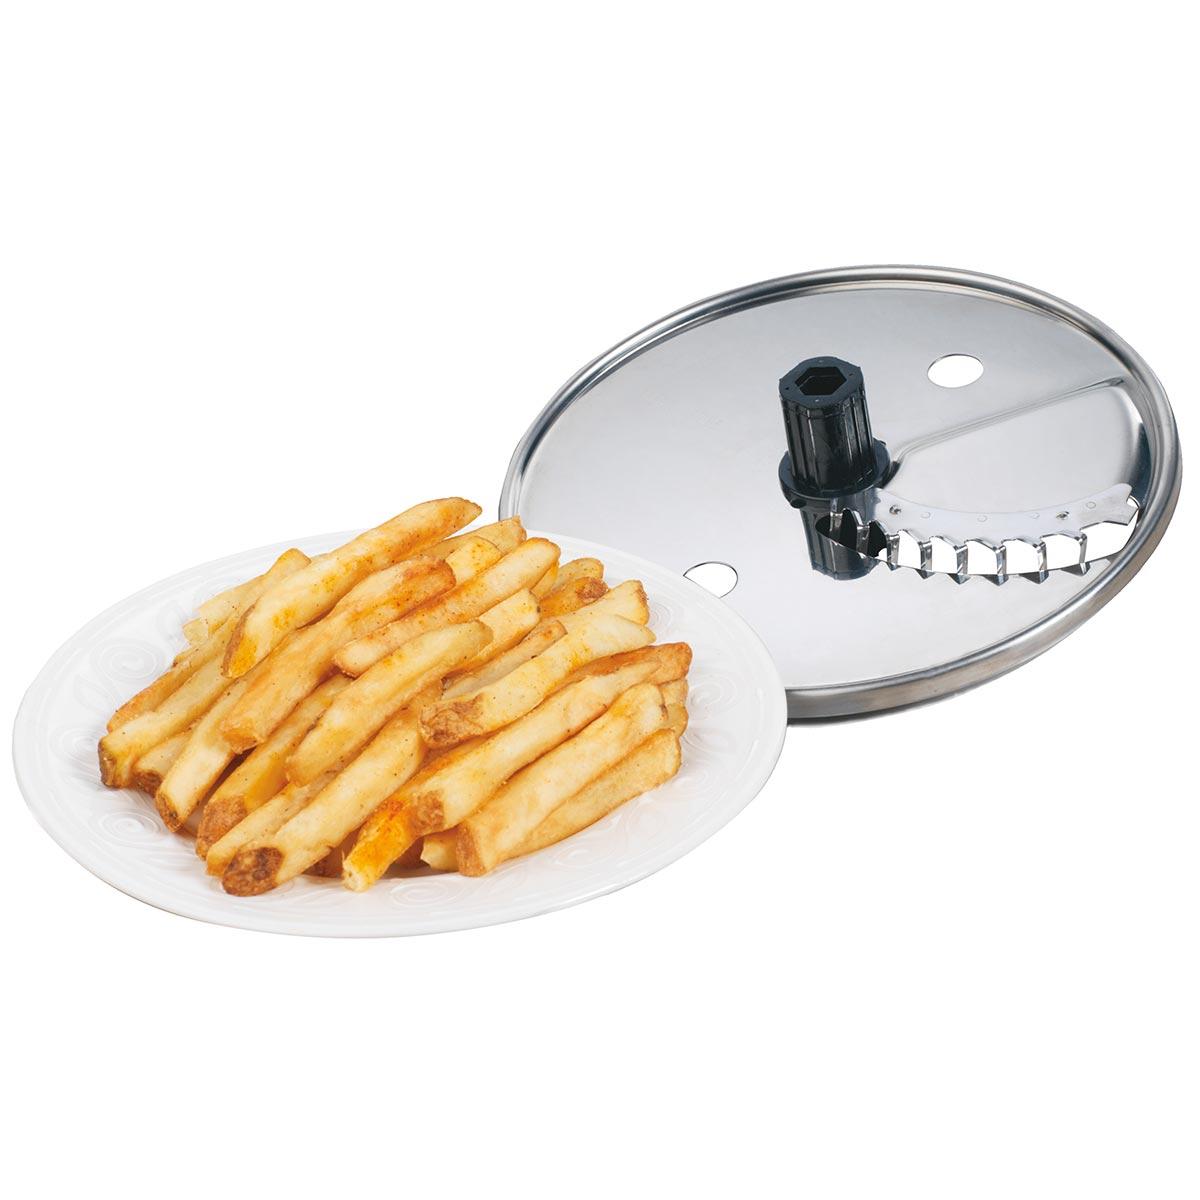 Cuisinart Deluxe  Food Processor Recall